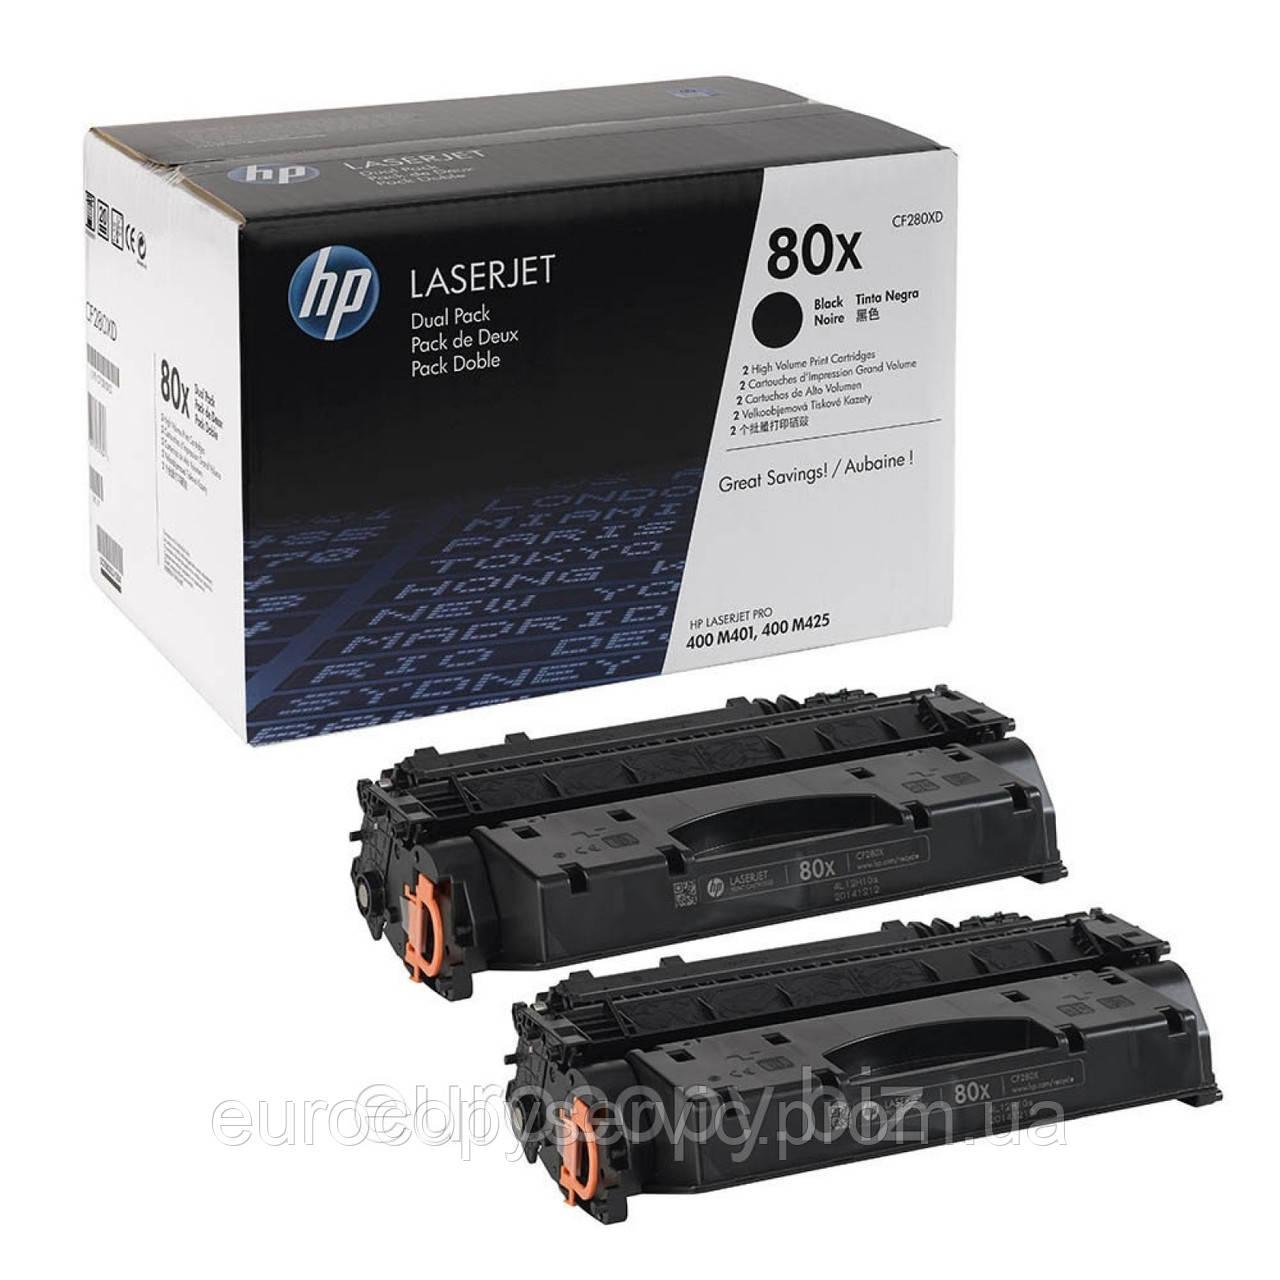 Картридж HP LaserJet 80X M425dn (CF280XF)